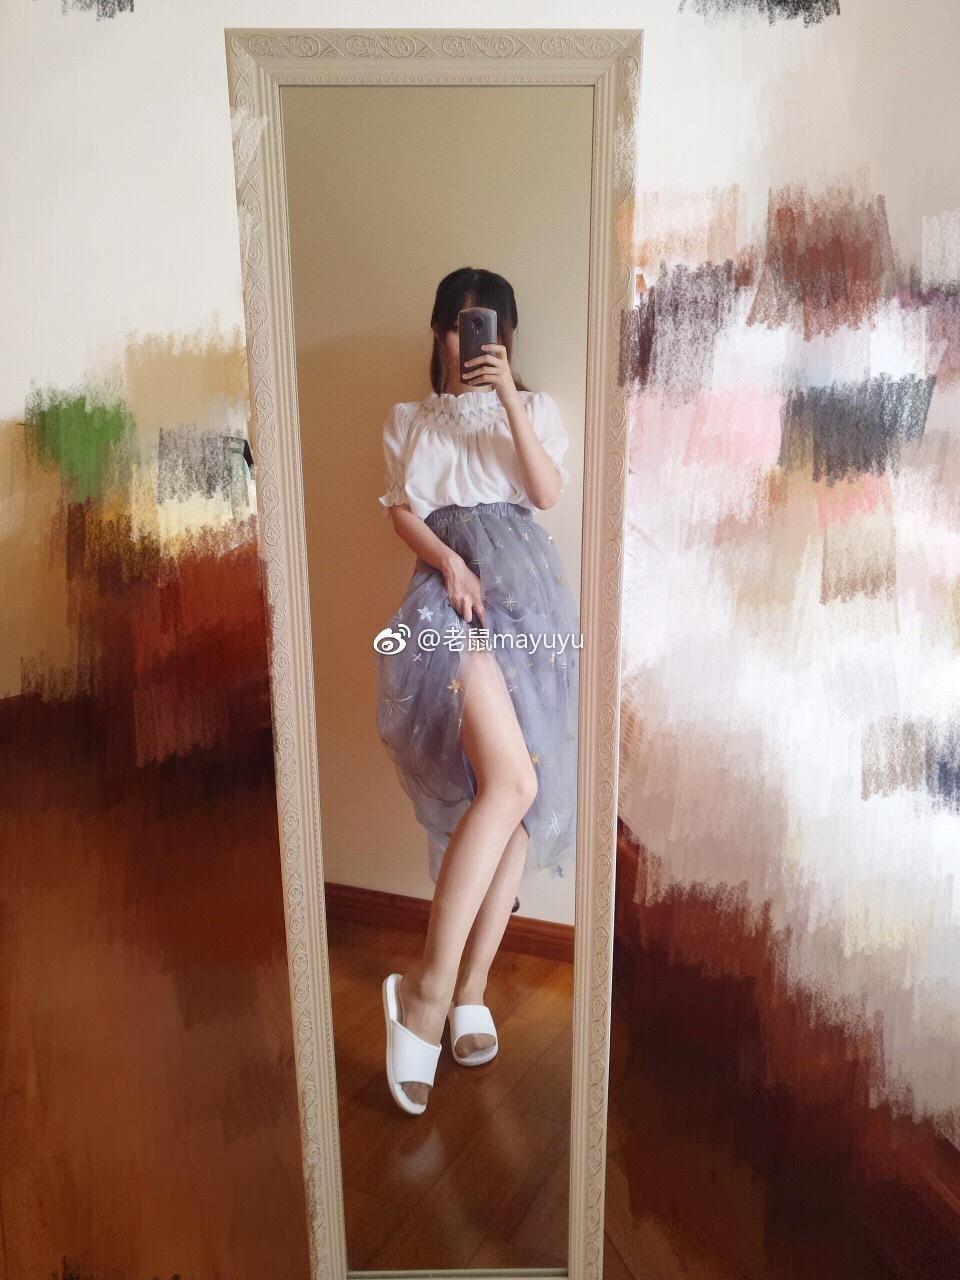 【微博妹子图每日推荐】微博动漫博主@老鼠mayuyu删照片是什么?肤白貌美身材好,超喜欢这种可爱的小学妹